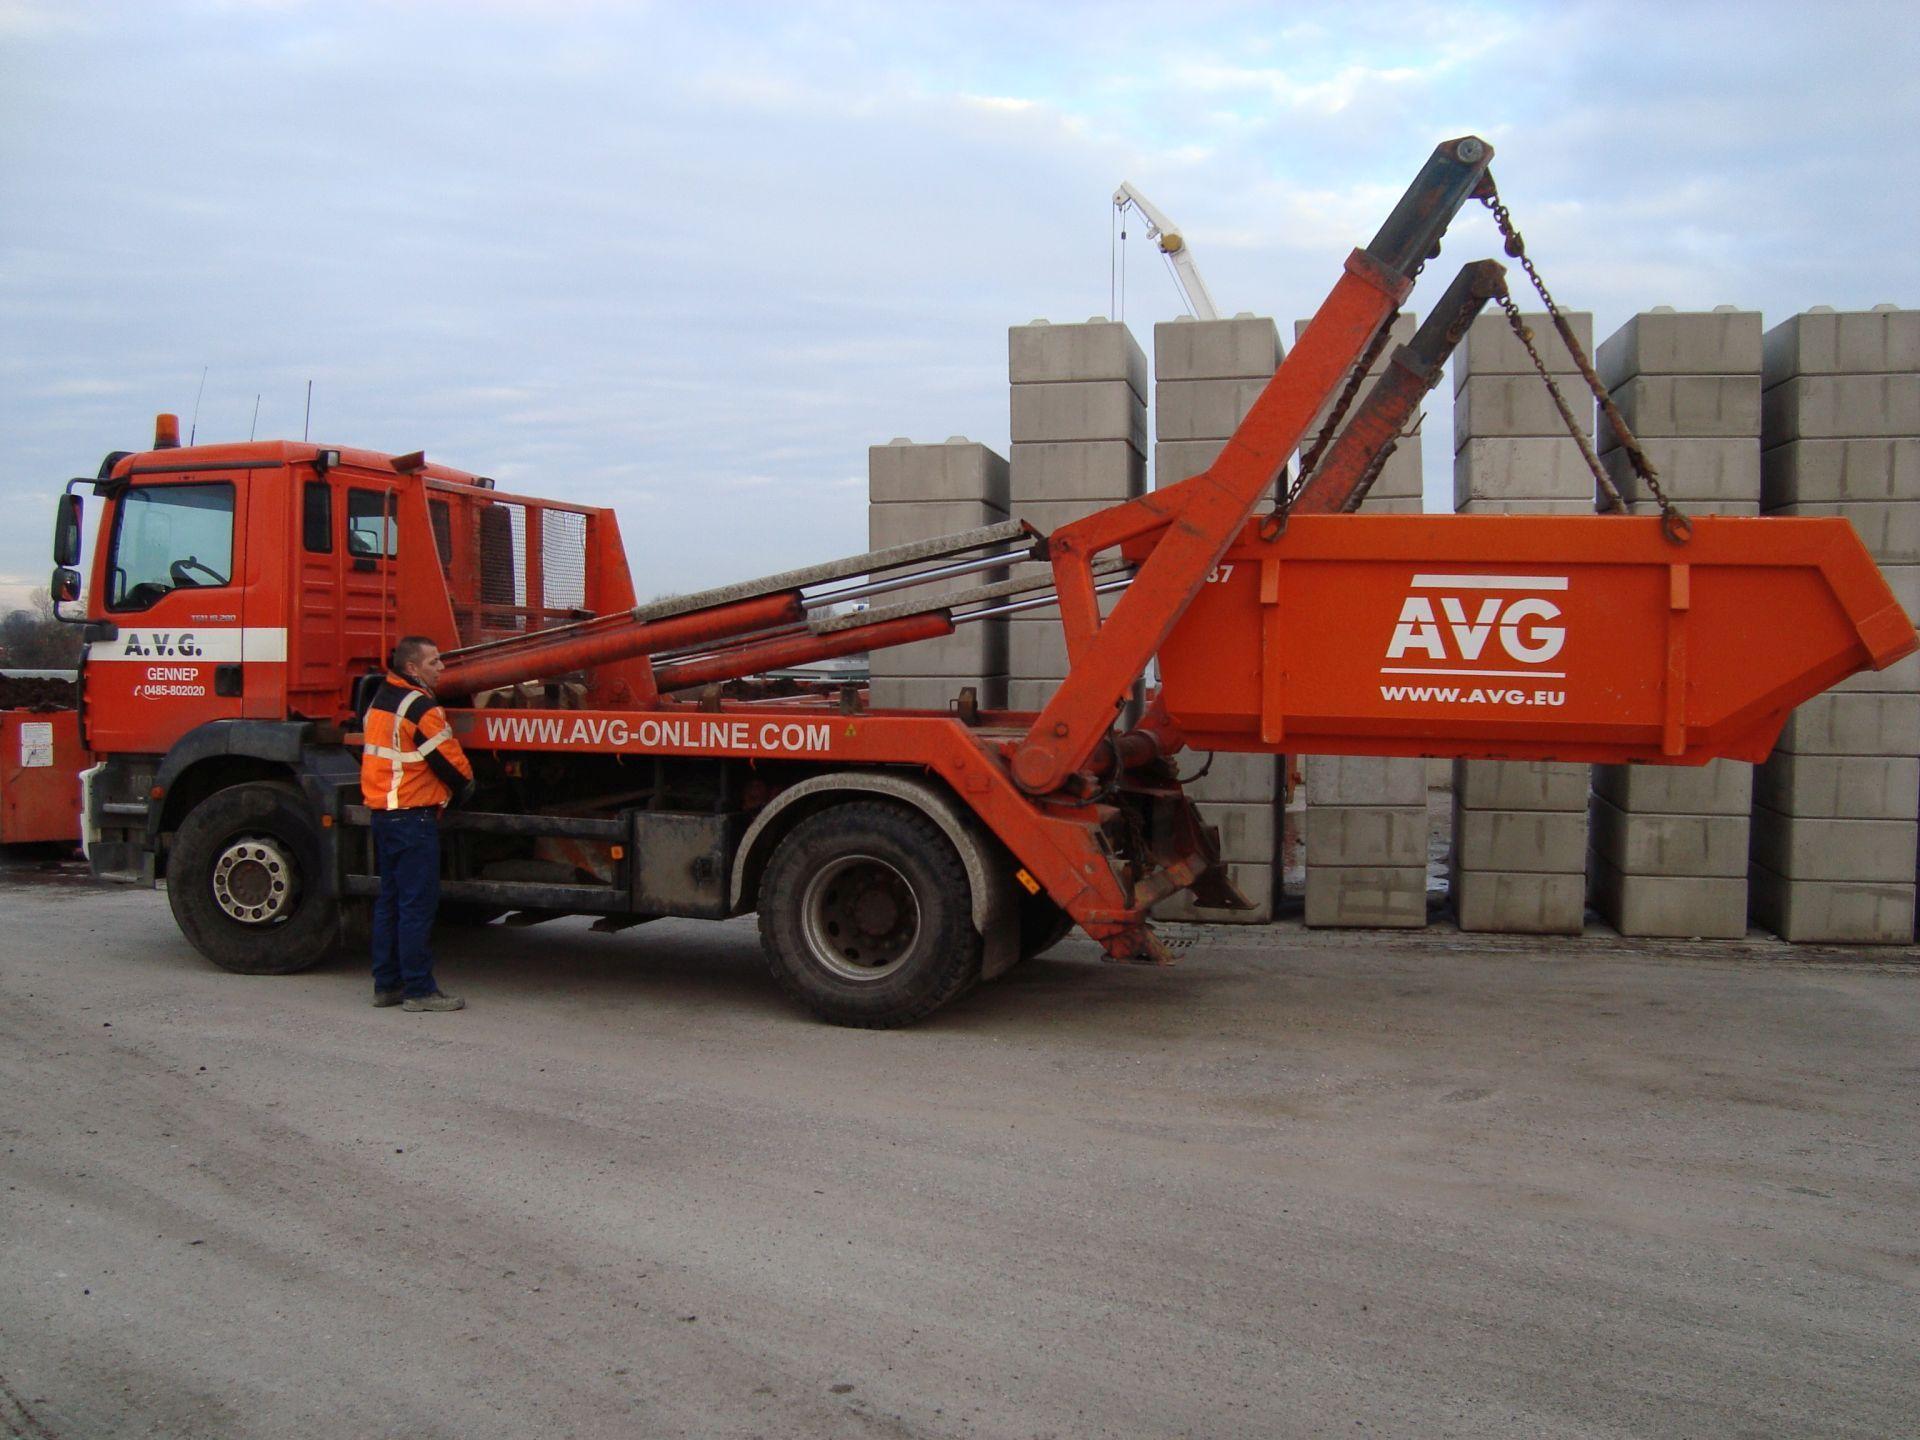 kleine-container-4-avg-bouwstoffen